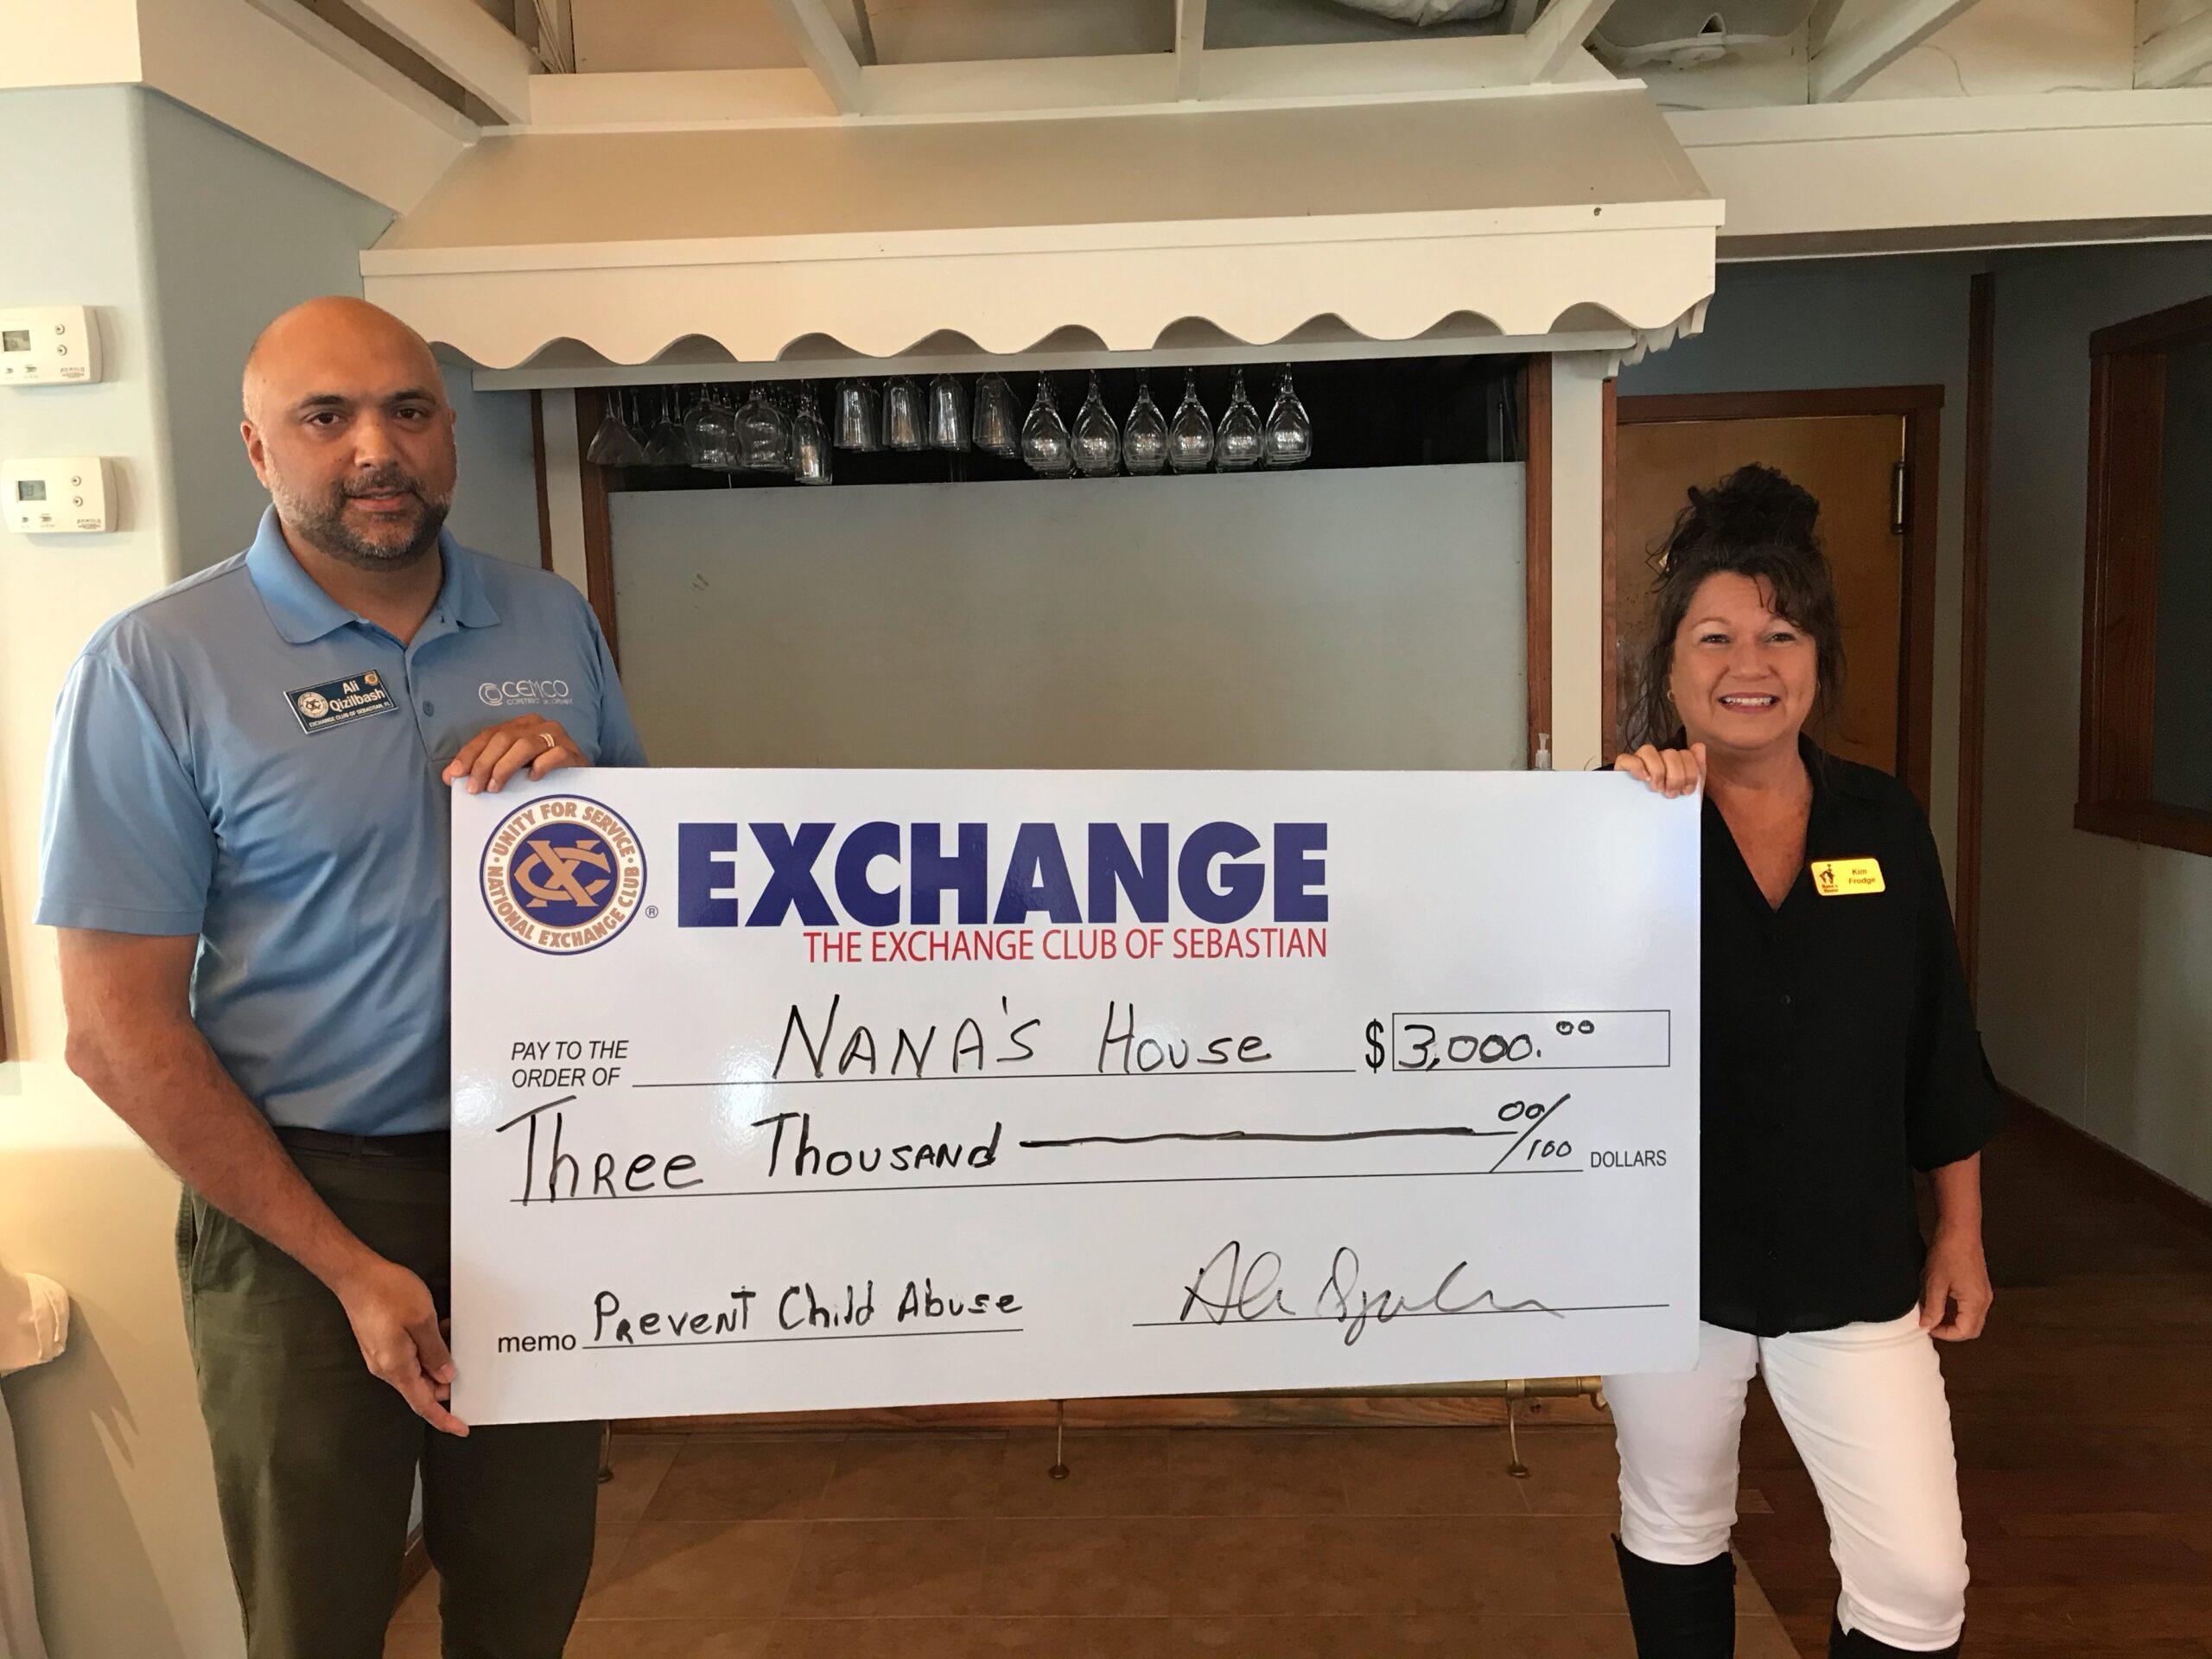 Exchange Club of Sebastian donates to Nana's House